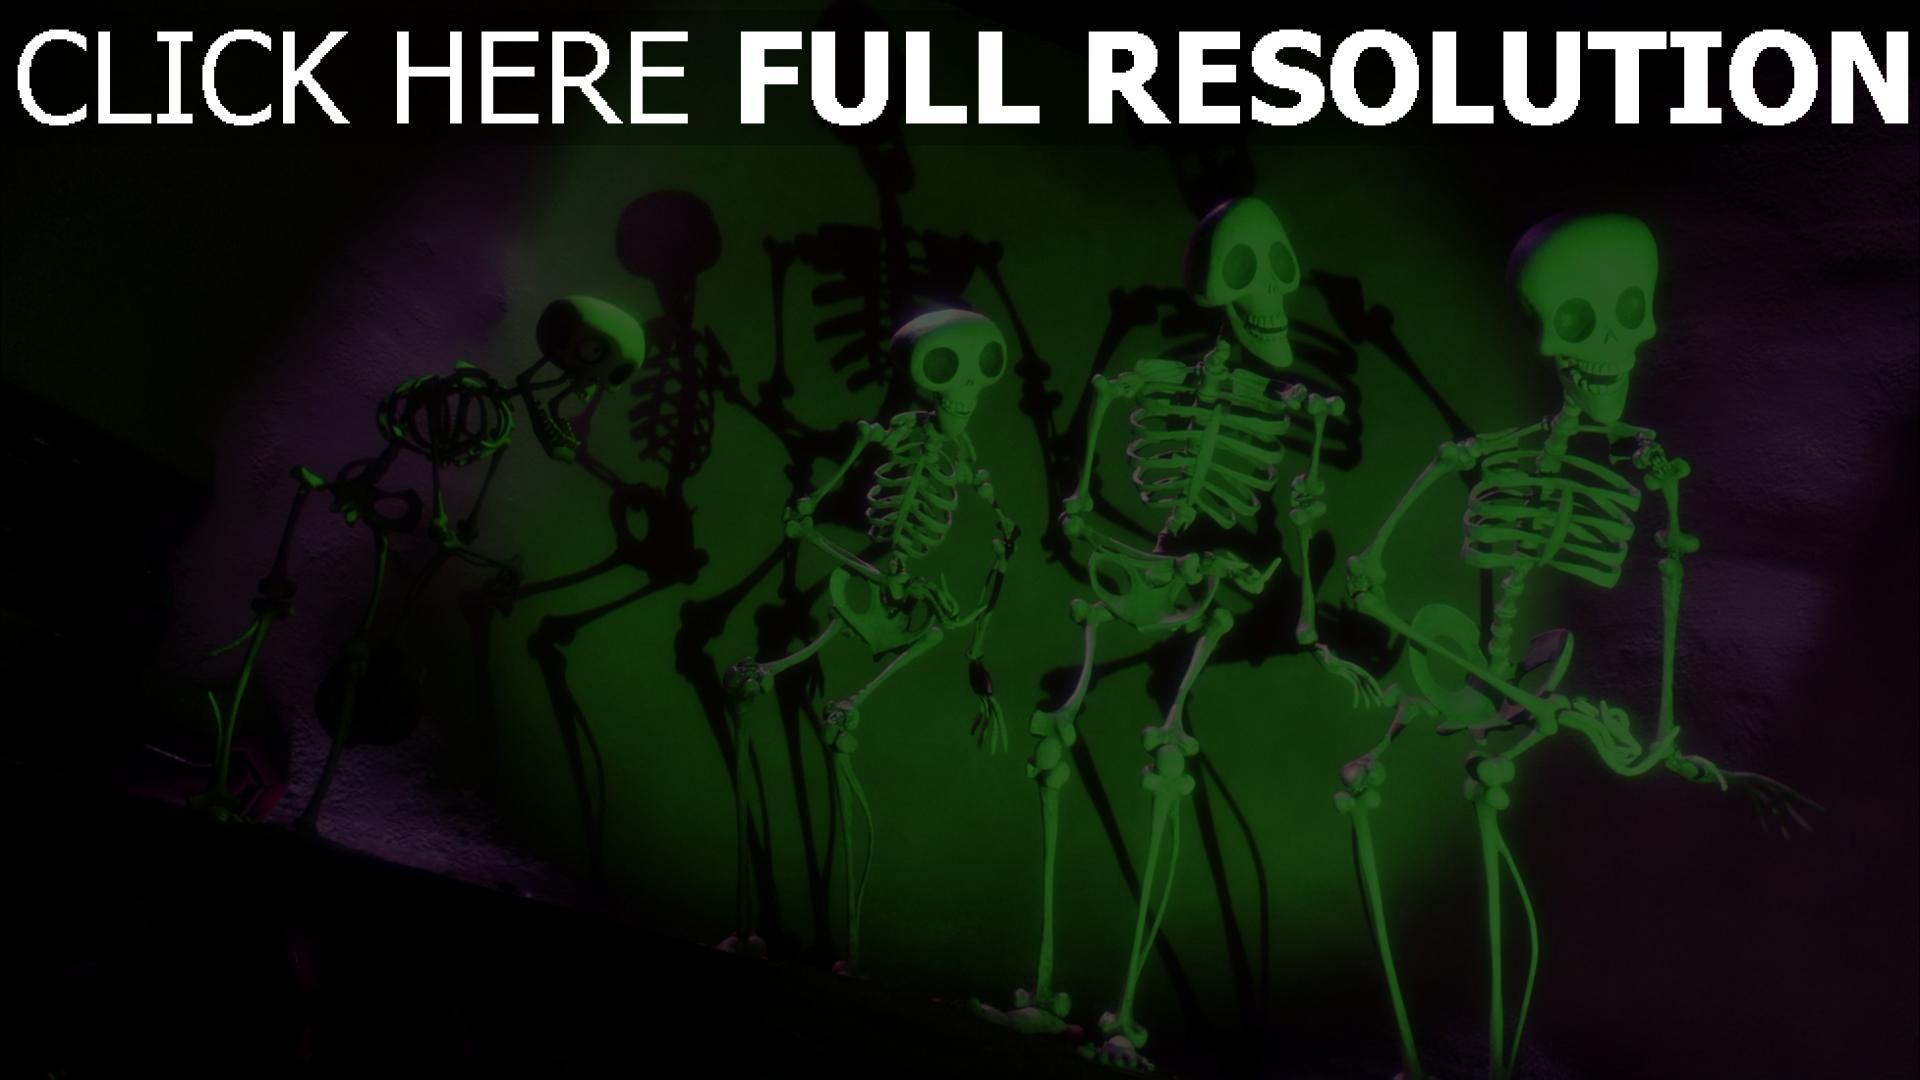 hd hintergrundbilder skelette tanz corpse bride 1920x1080